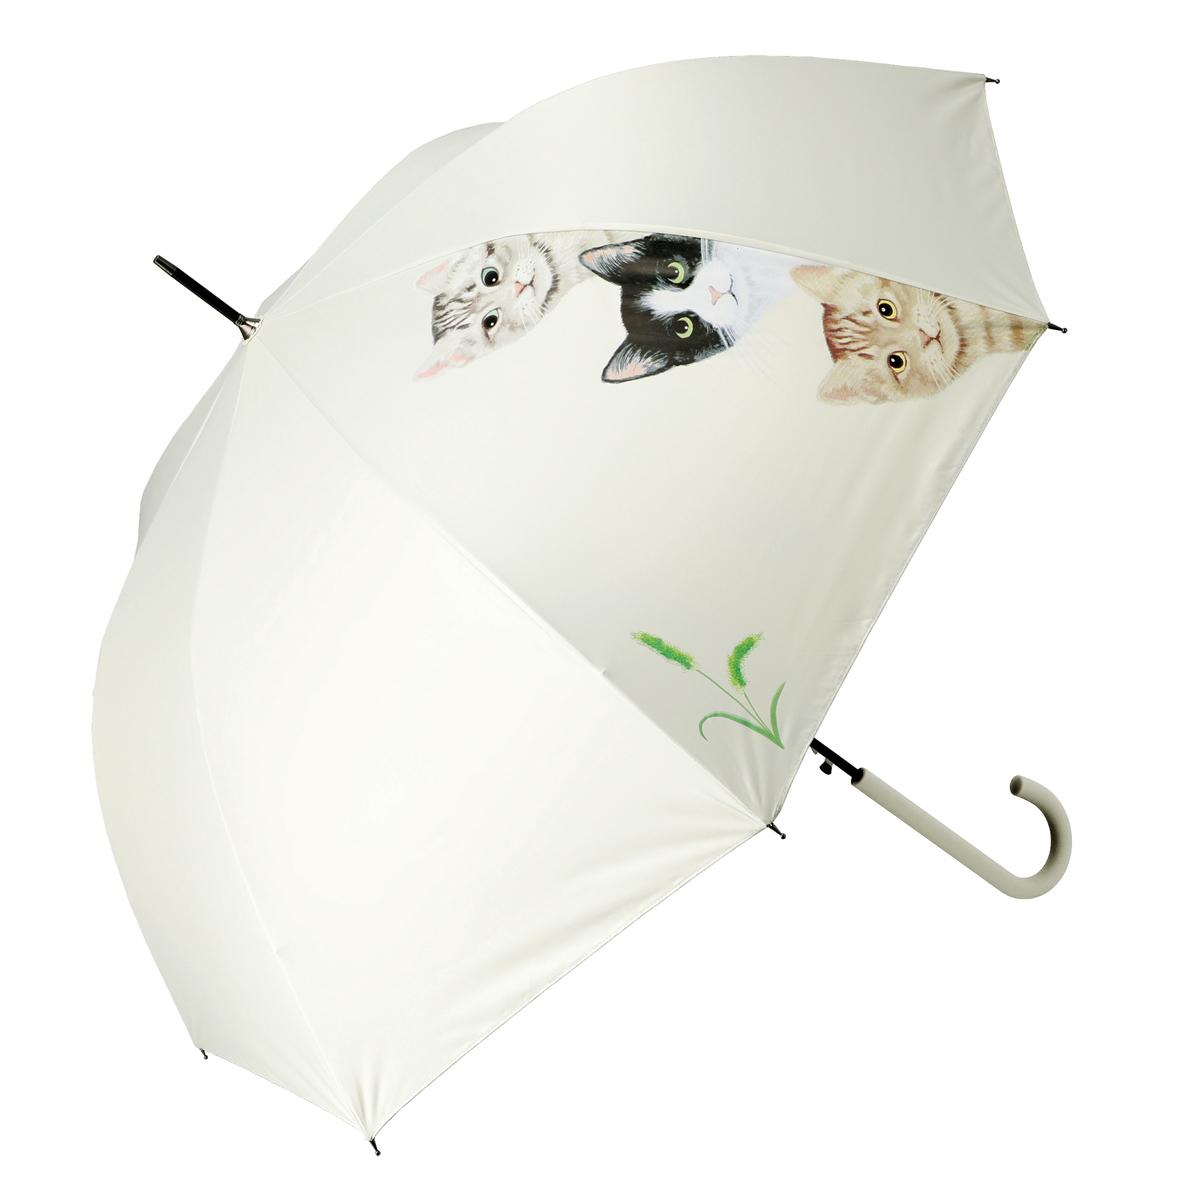 ルナジュメール UV+1級遮光+晴雨兼用ネコ×3柄 長傘